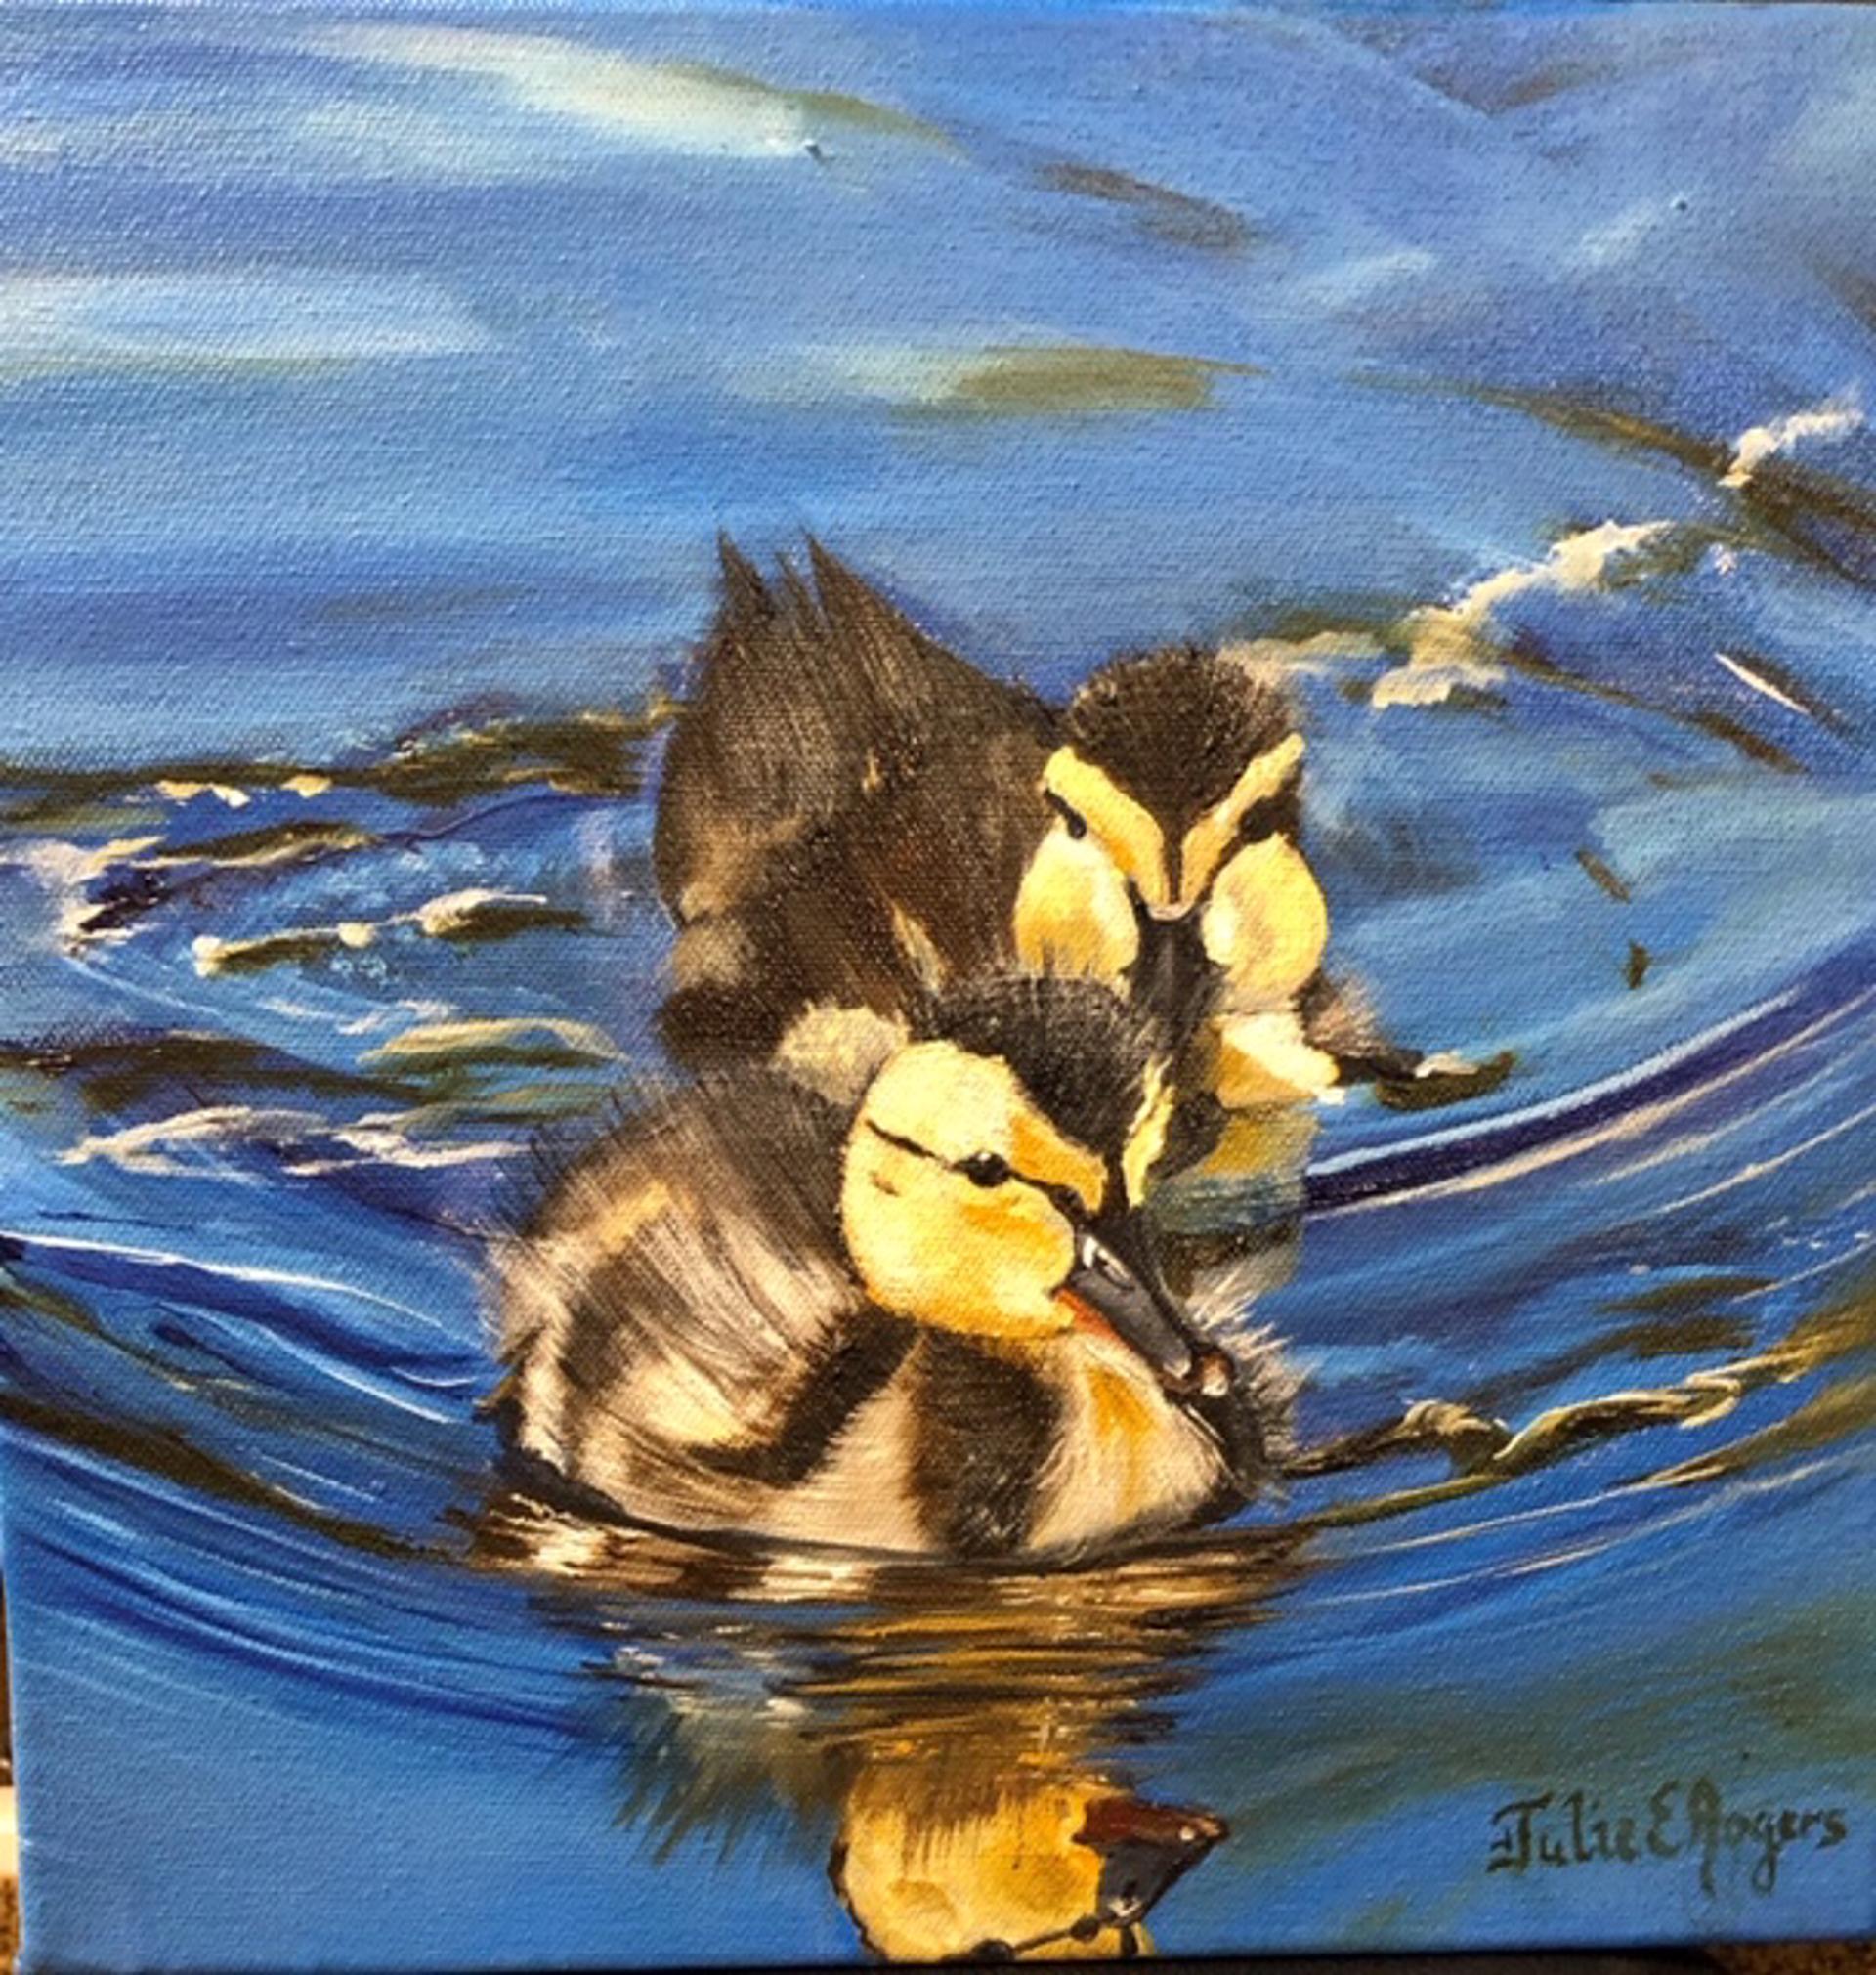 Ducks Work in Progress by Julie Rogers